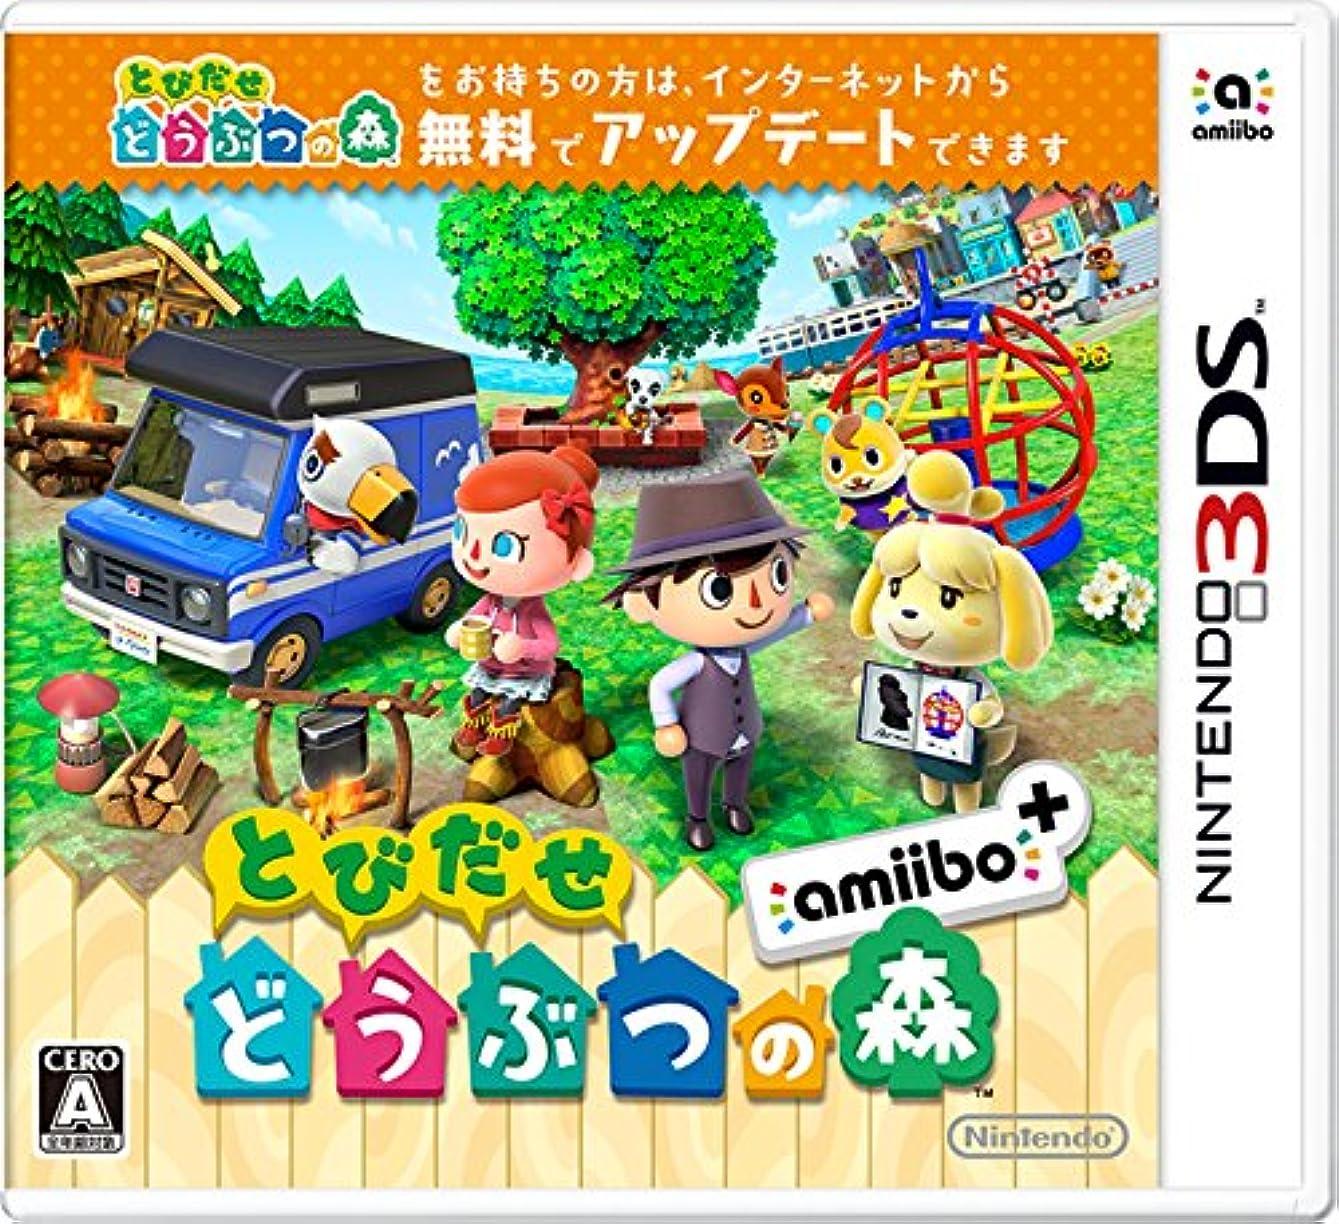 モック無一文おしゃれじゃないとびだせ どうぶつの森 amiibo+ (「『とびだせ どうぶつの森 amiibo+』 amiiboカード」1枚 同梱) - 3DS